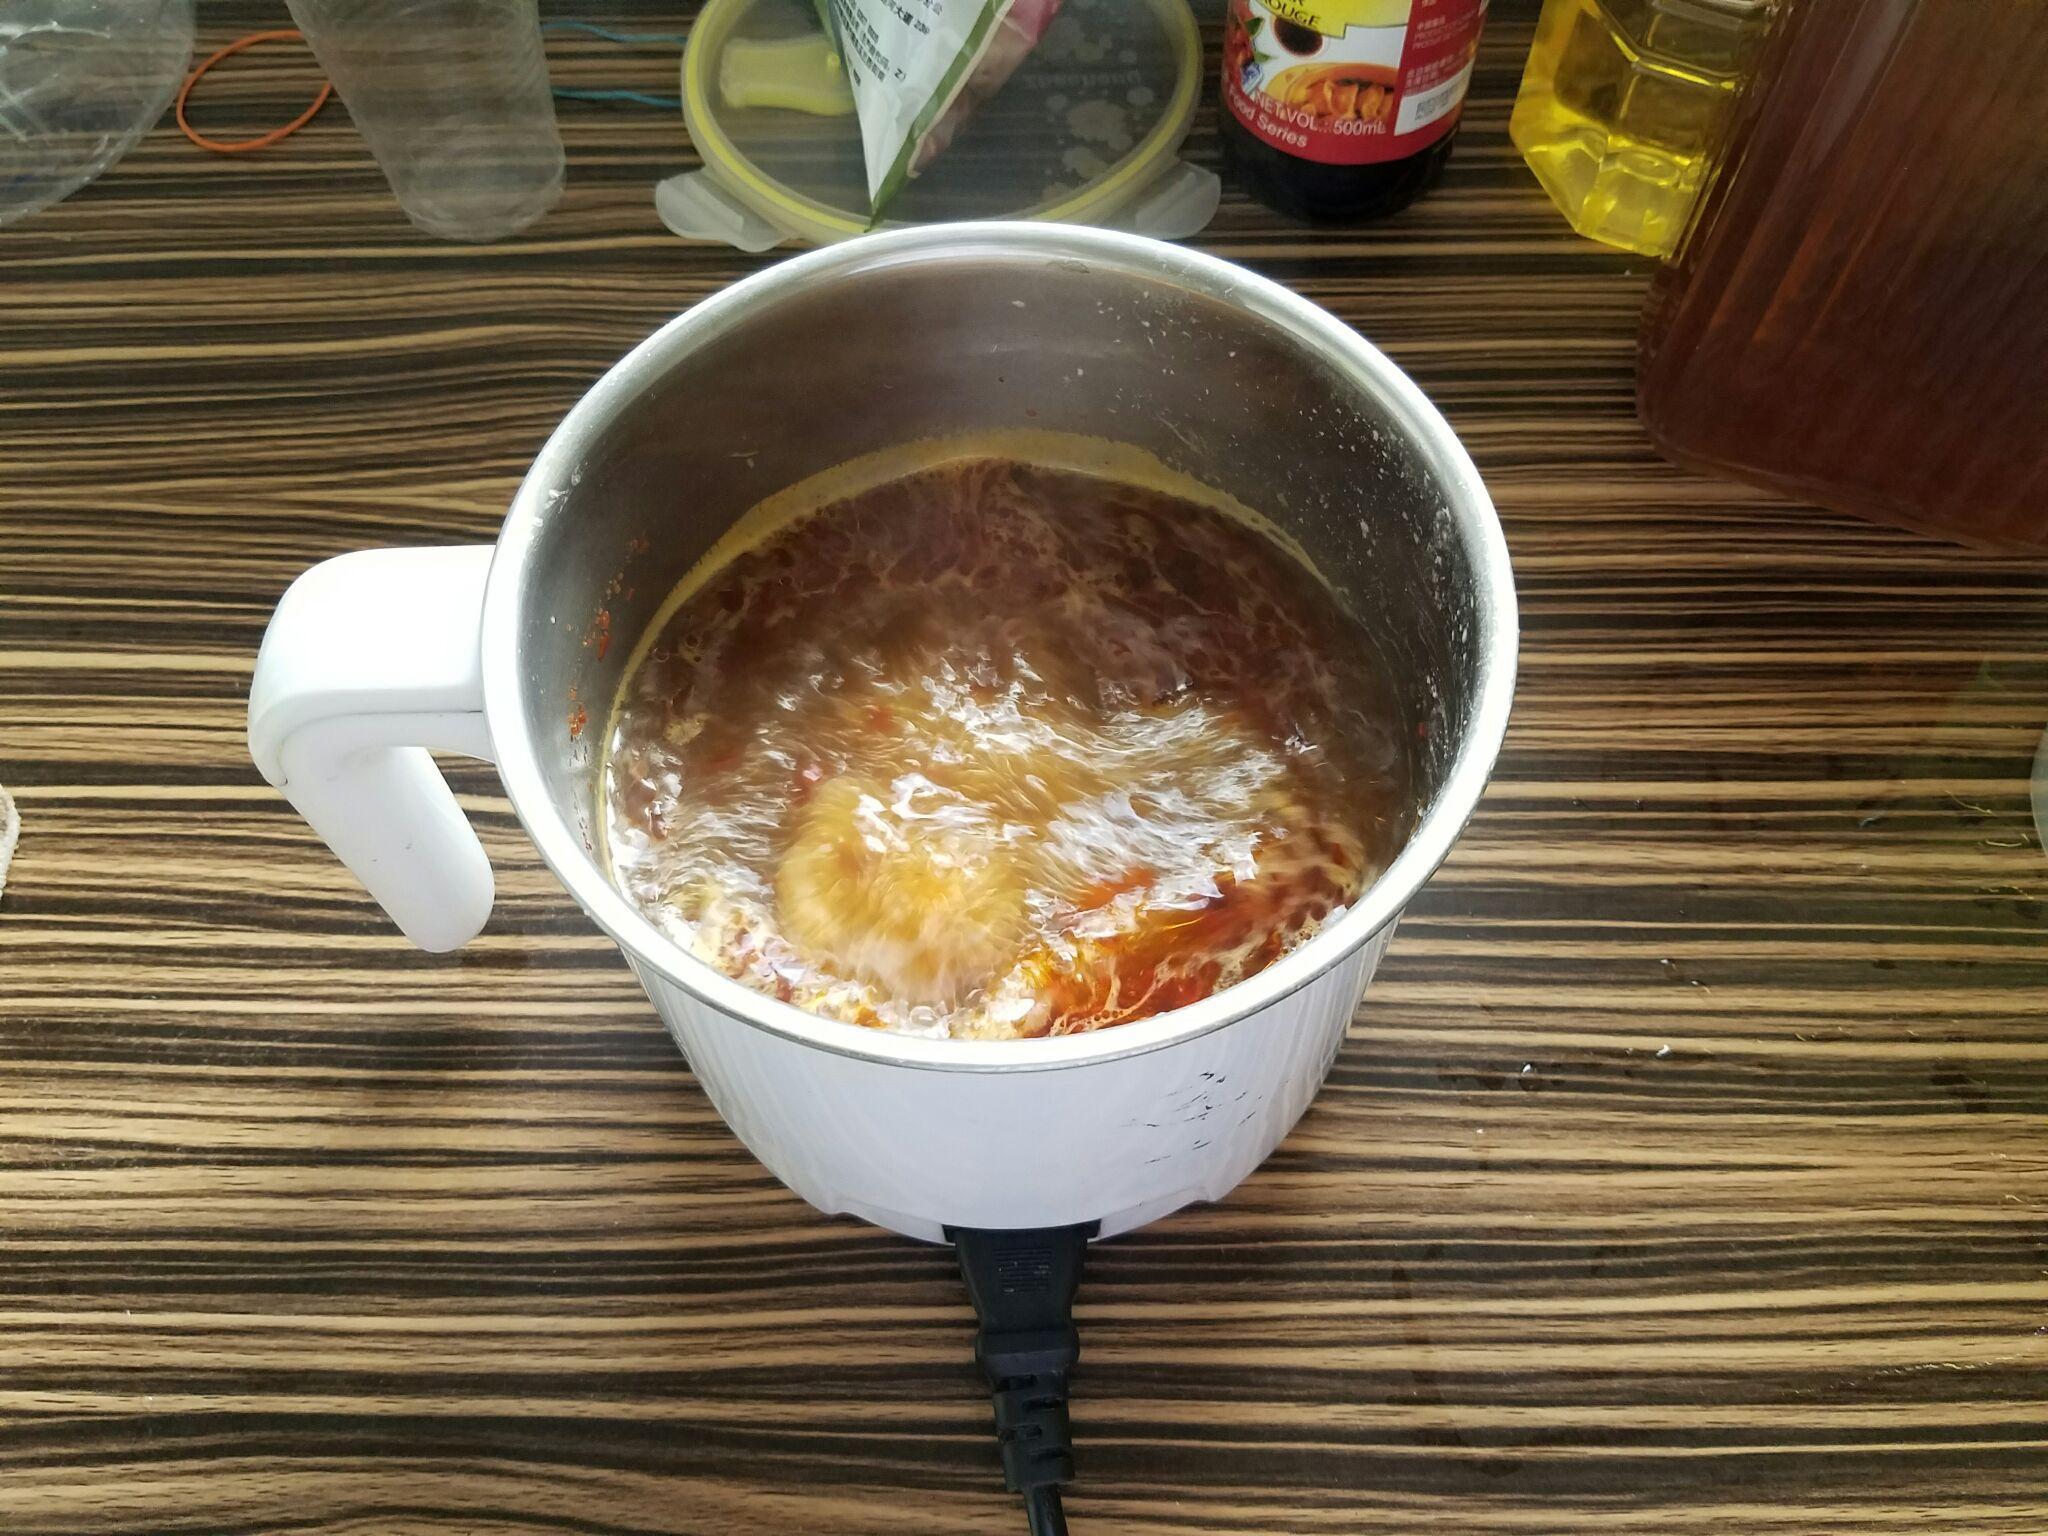 在电锅一个小美食容量的只有下做出相对美秘鲁条件乎知图片